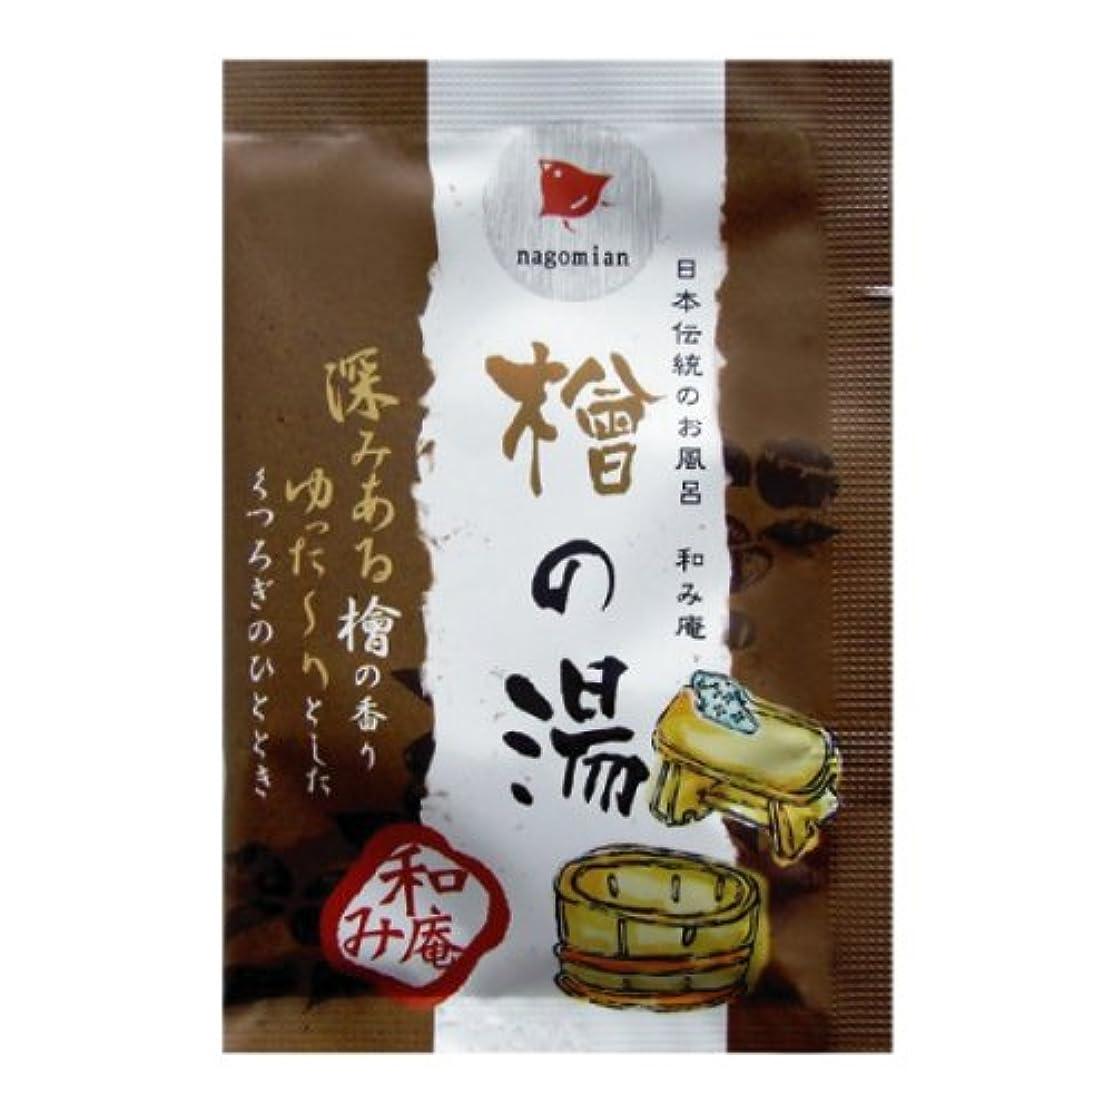 ライドシンク学生日本伝統のお風呂 和み庵 檜の湯 200包